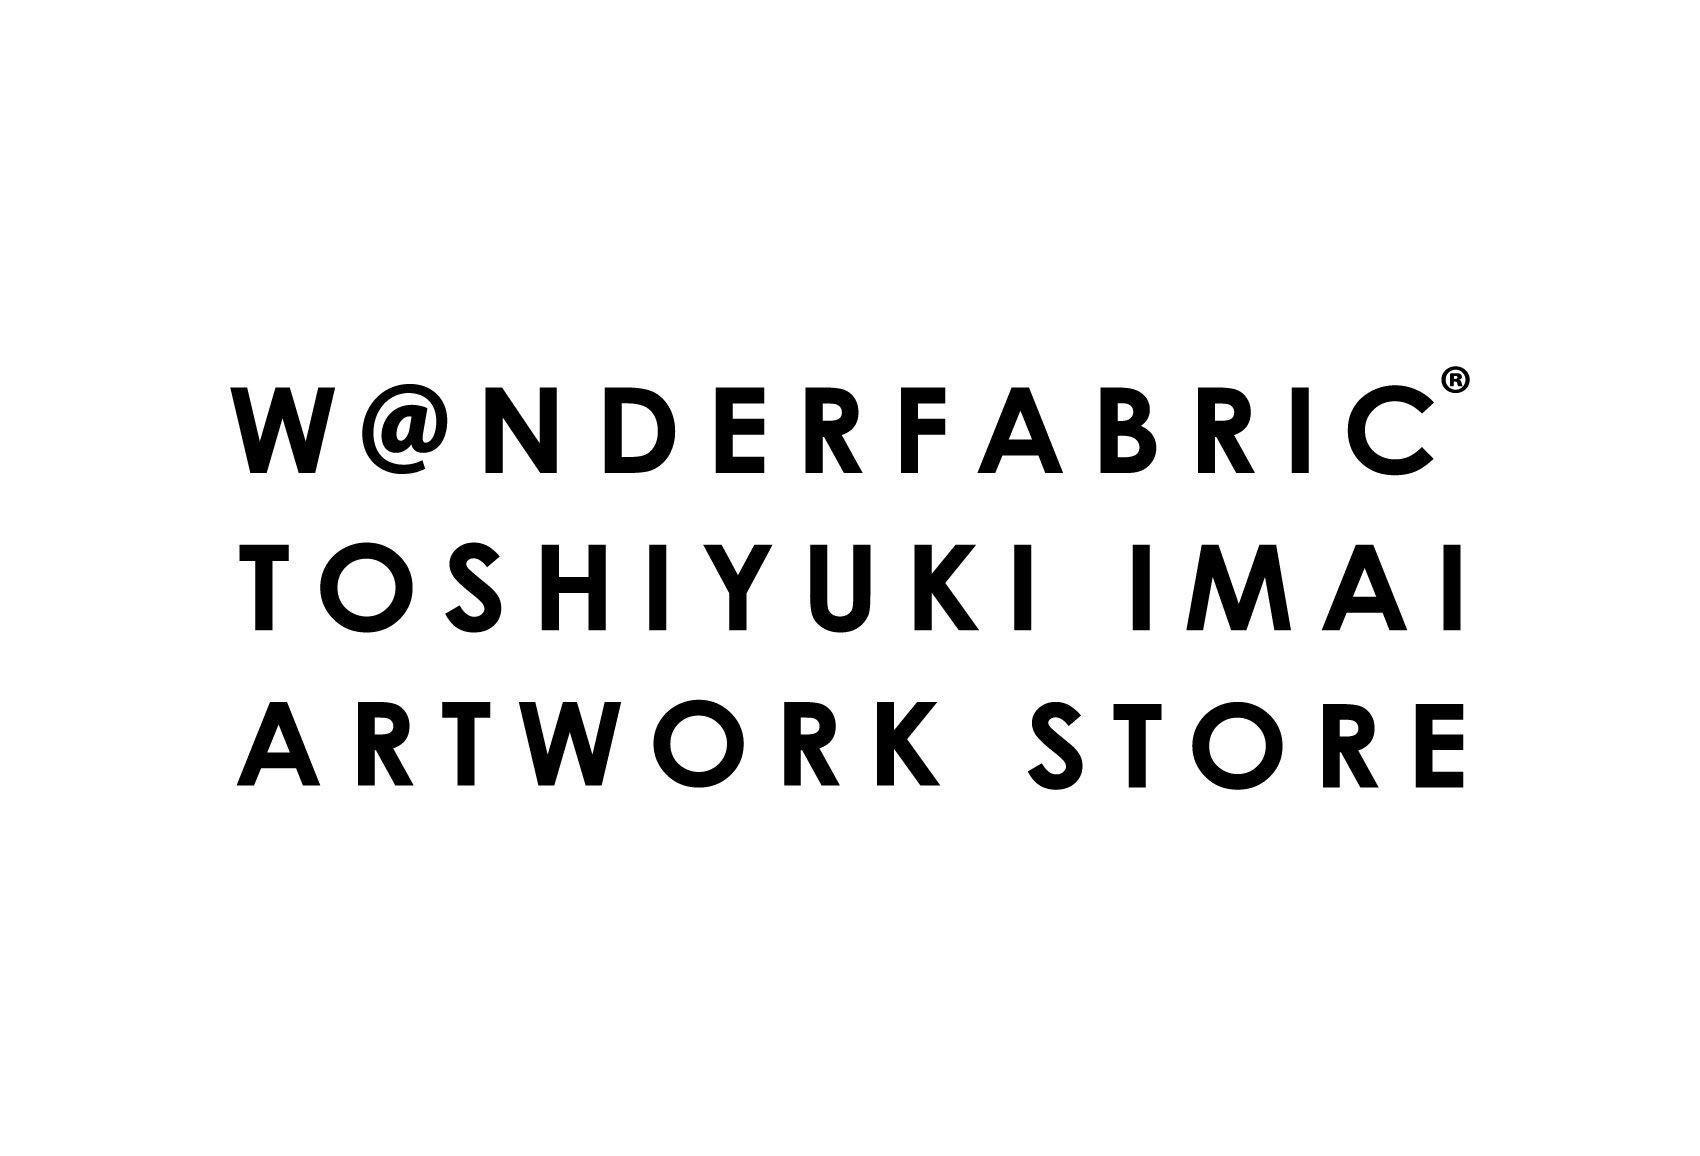 TOSHIYUKIIMAI-ARTWORKSTORE